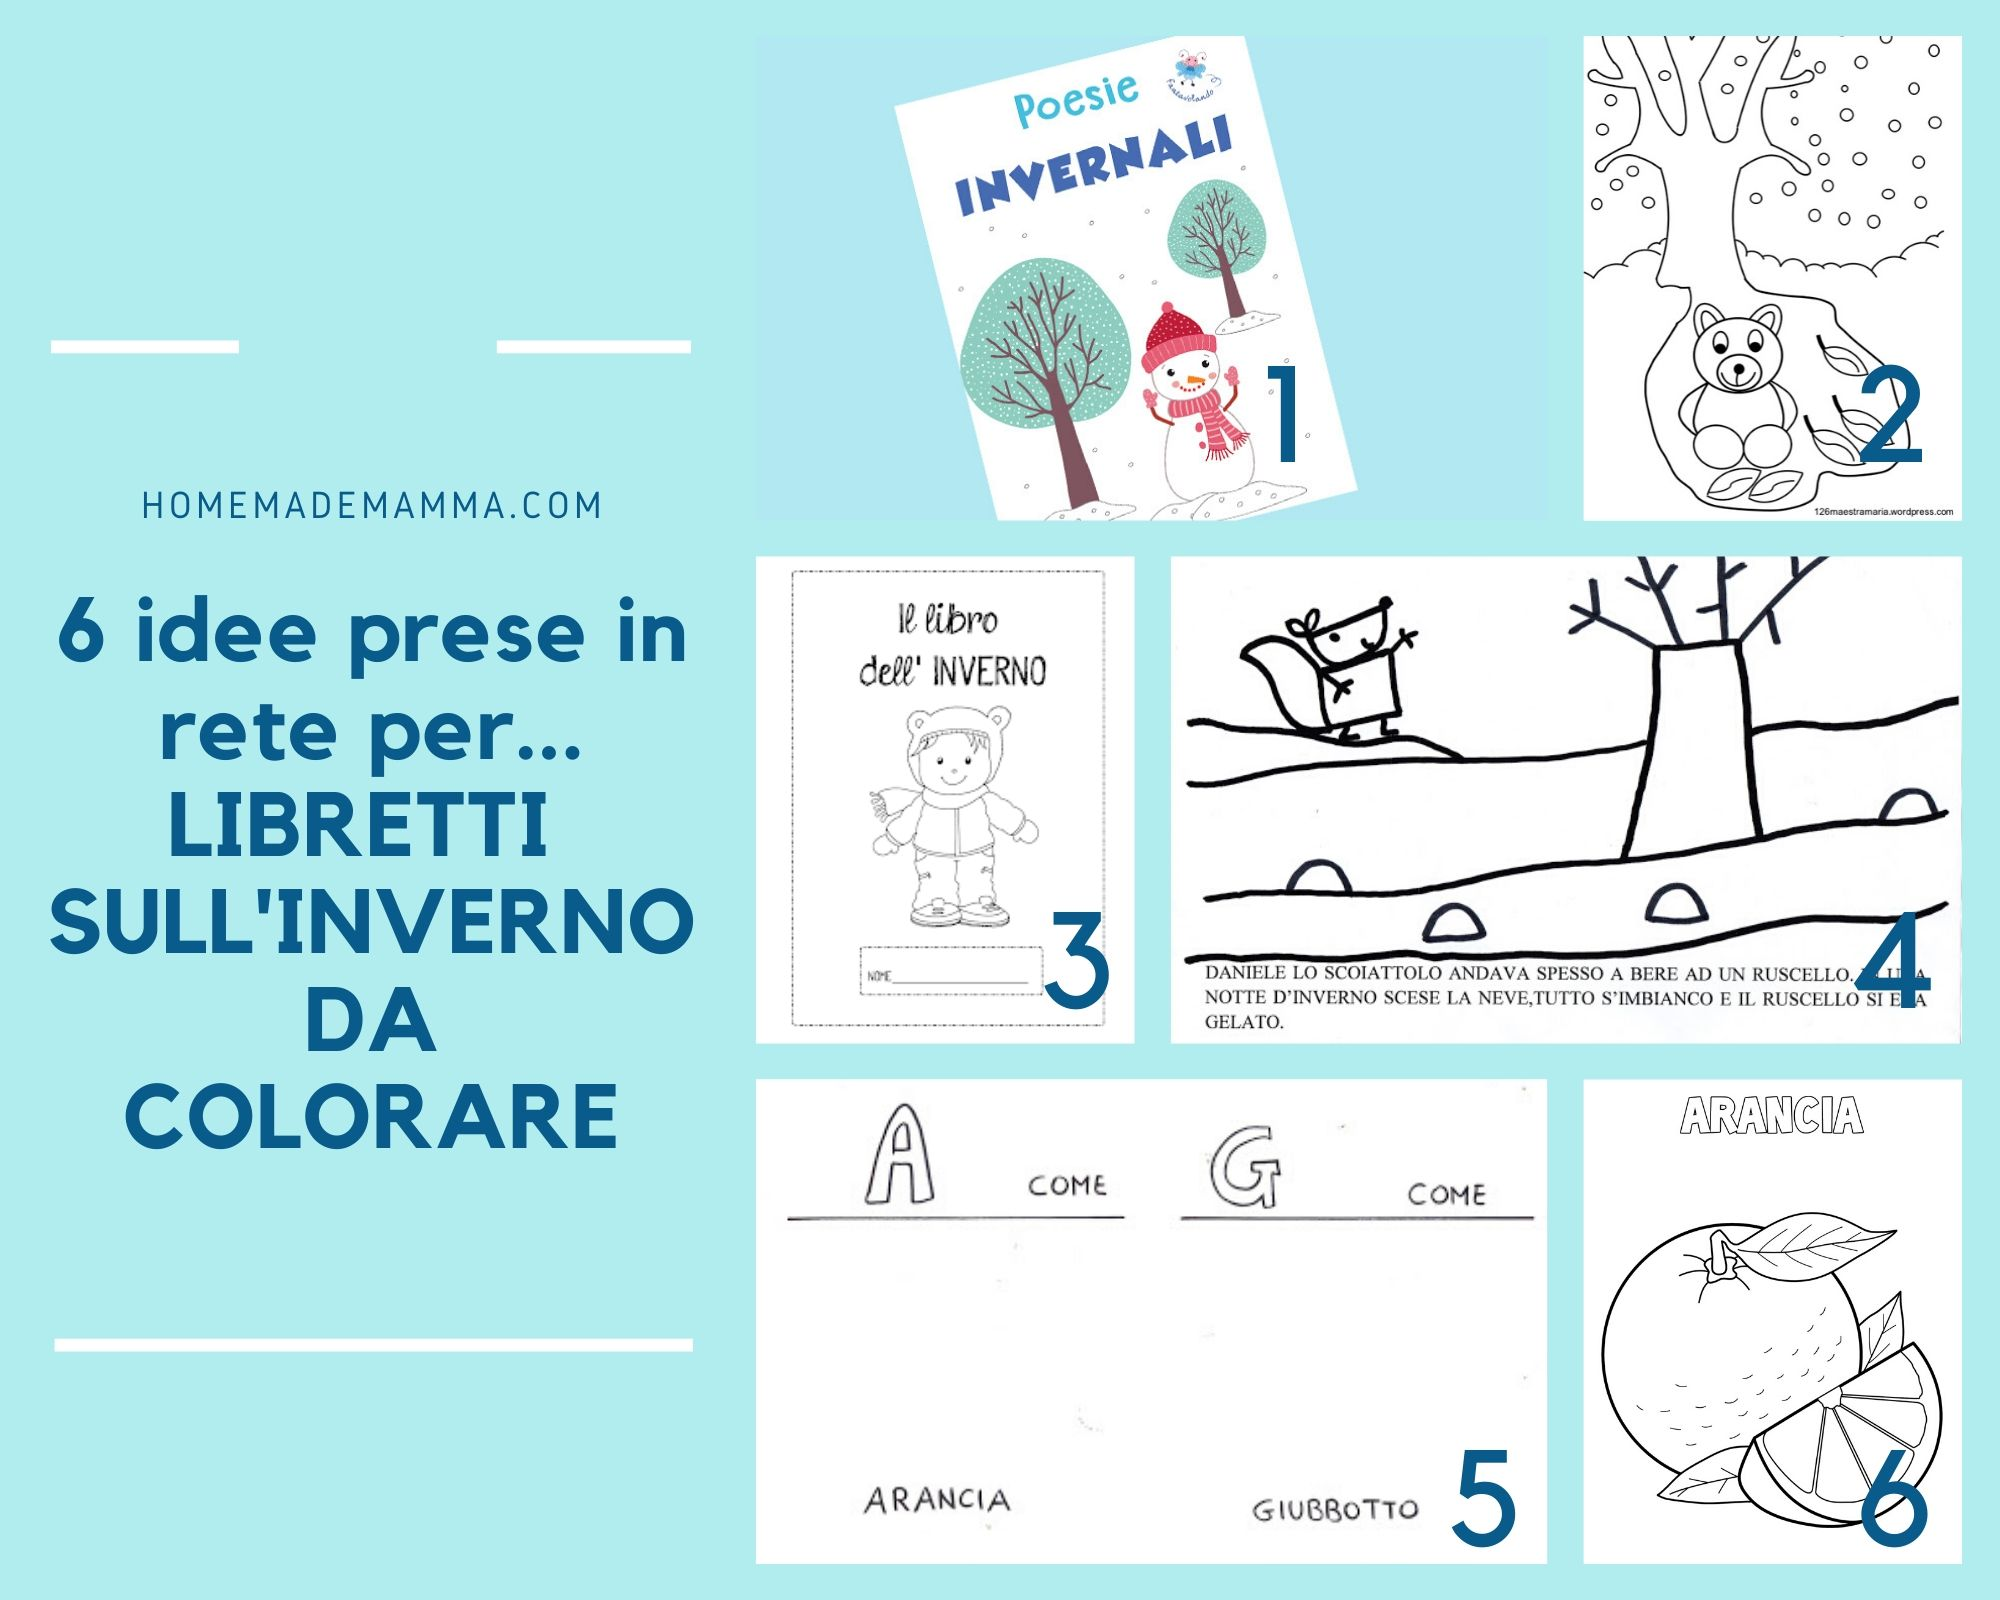 6 Idee Prese In Rete Per Libretti Sull Inverno Da Colorare